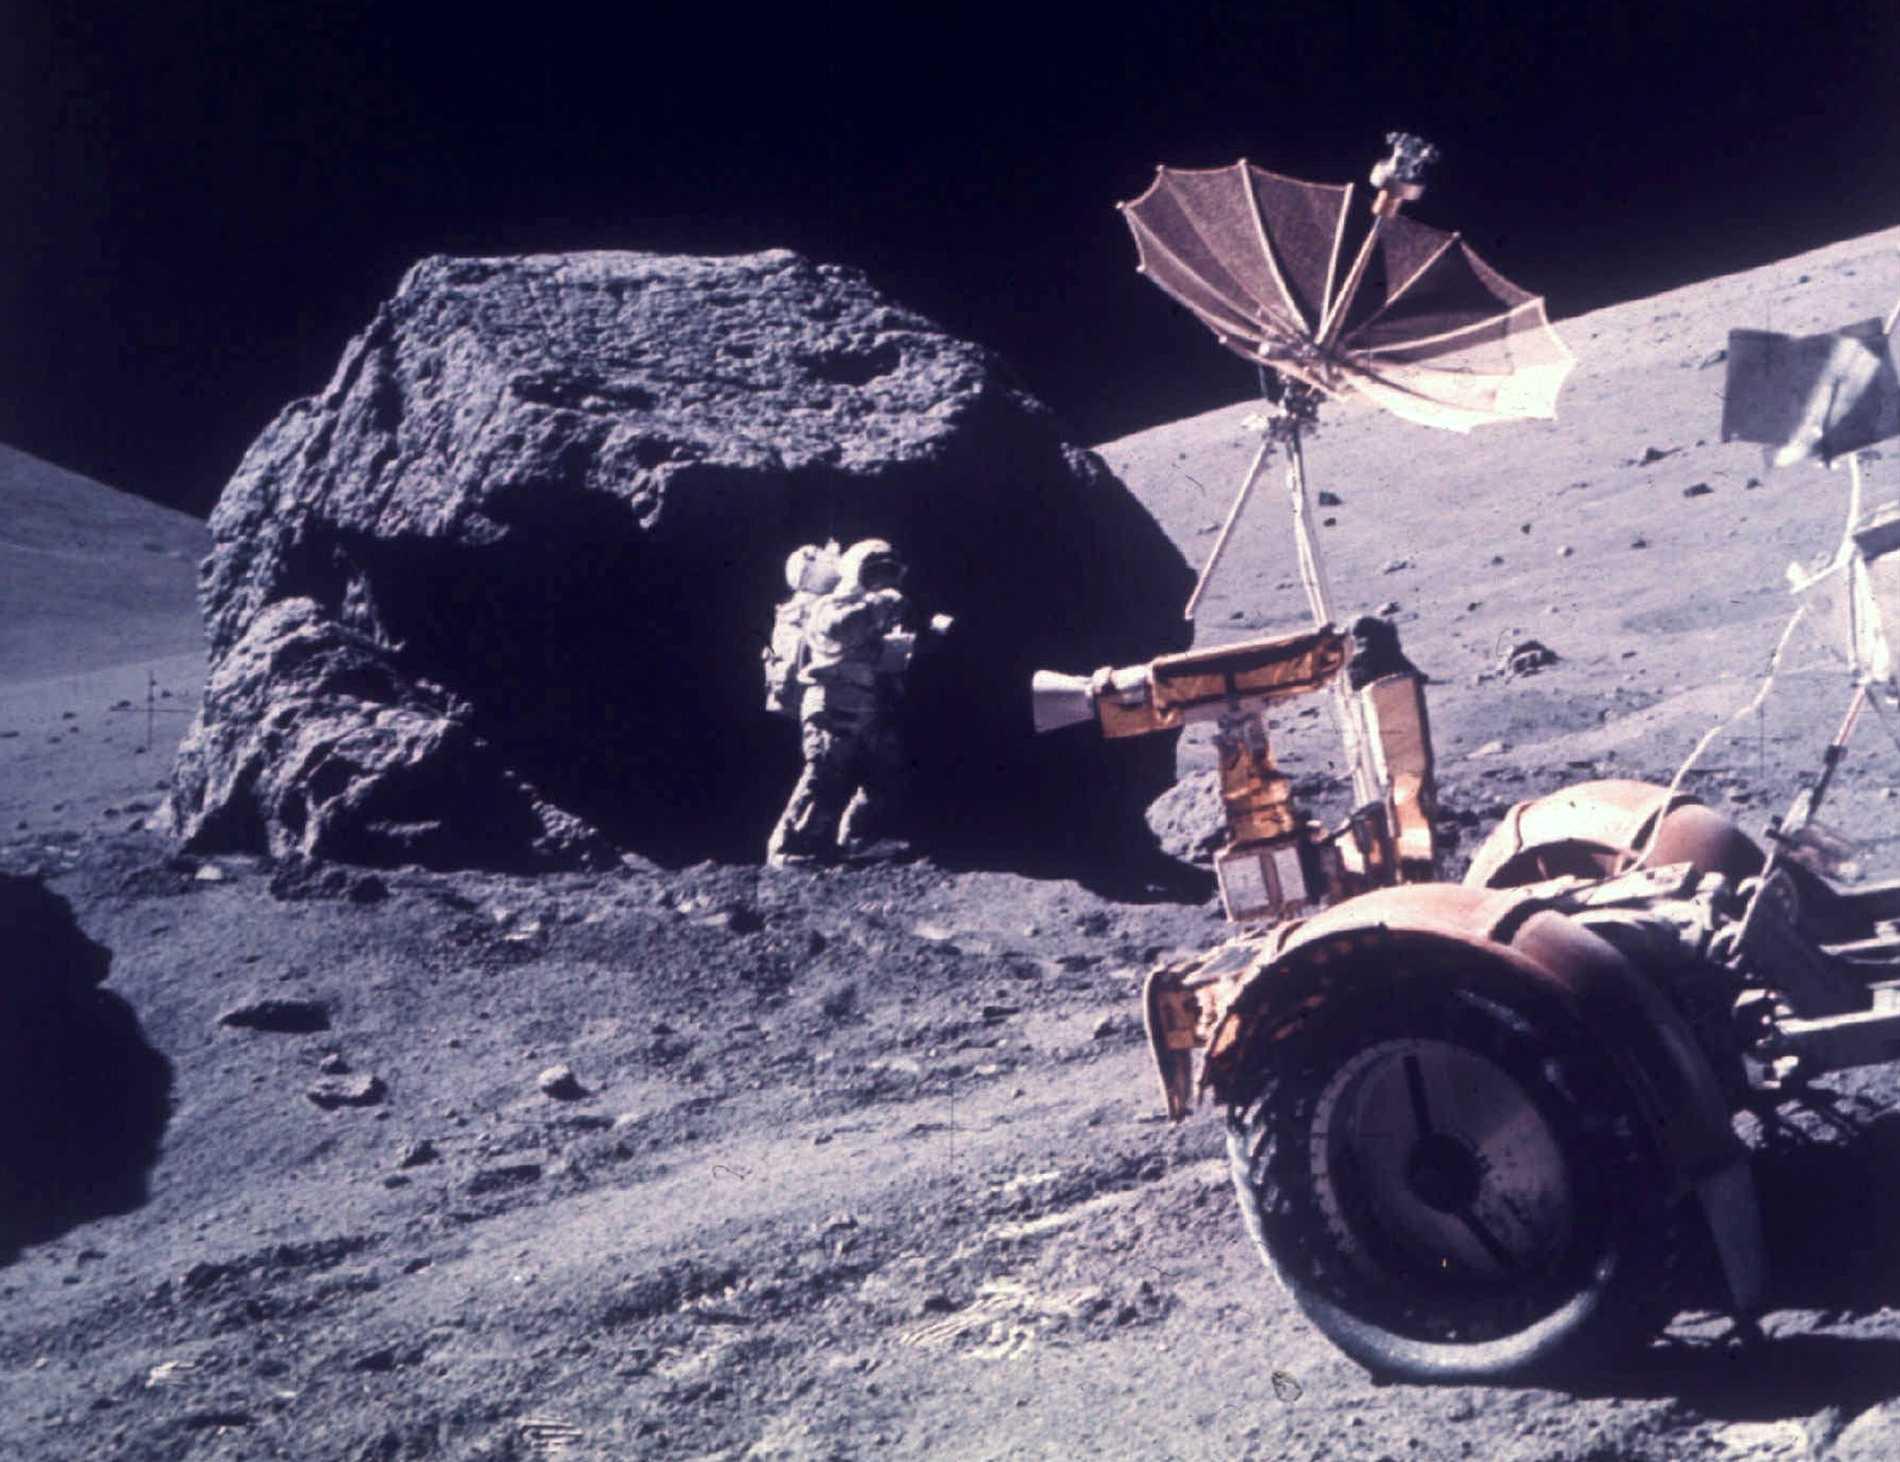 Senast någon satte sin fot på månen var 1972.